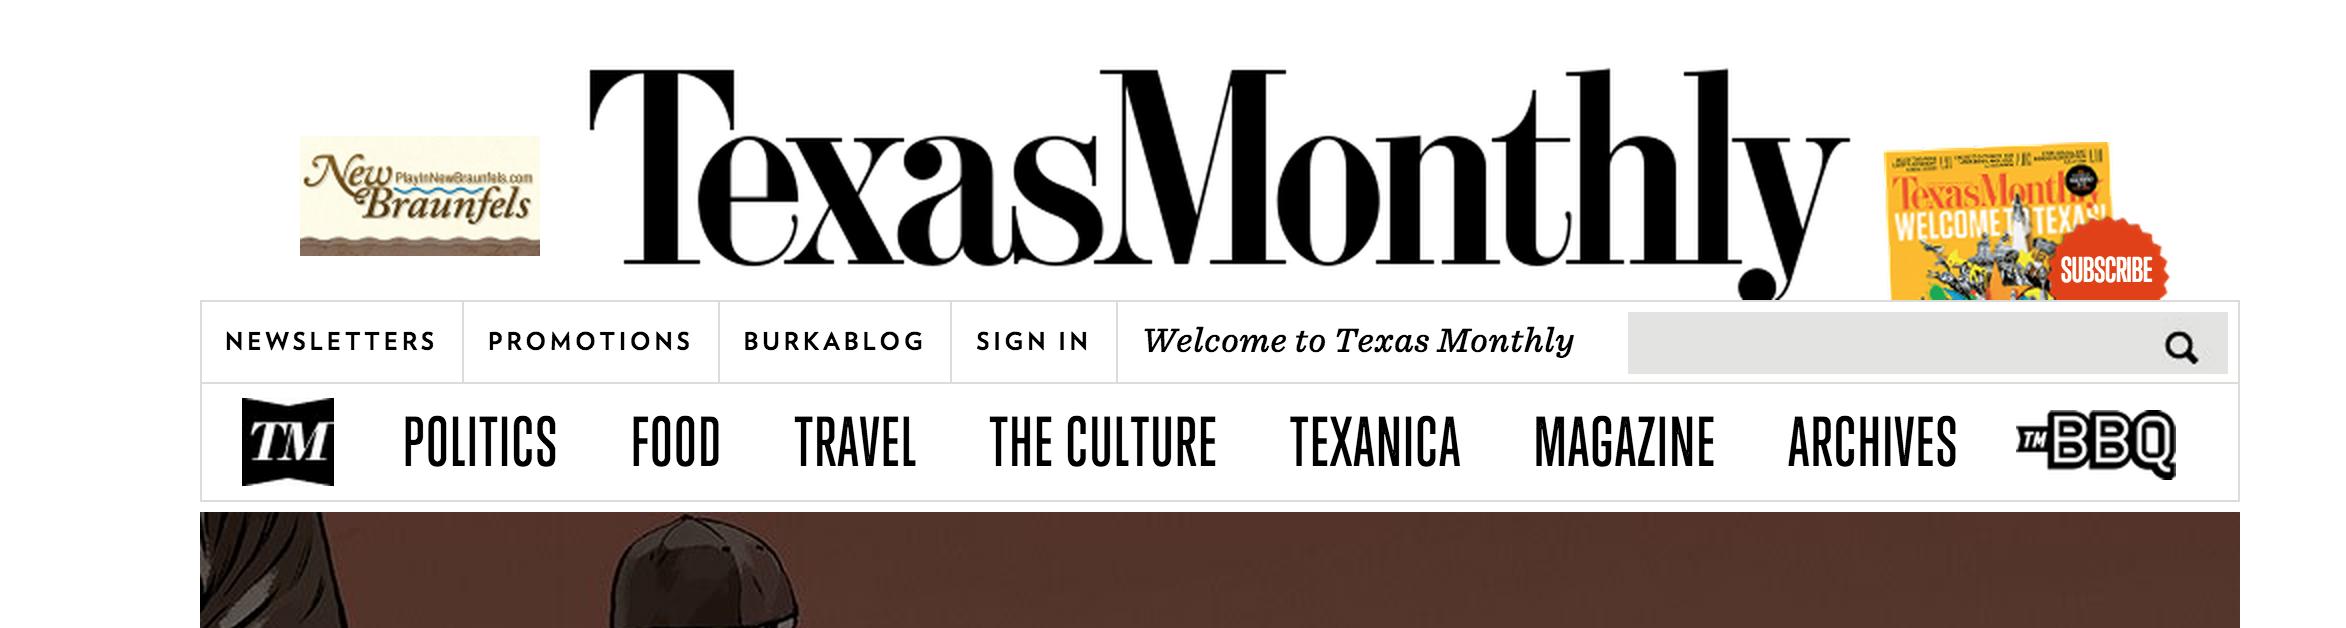 Texas Monthly Texas monthly, Tech company logos, Texas